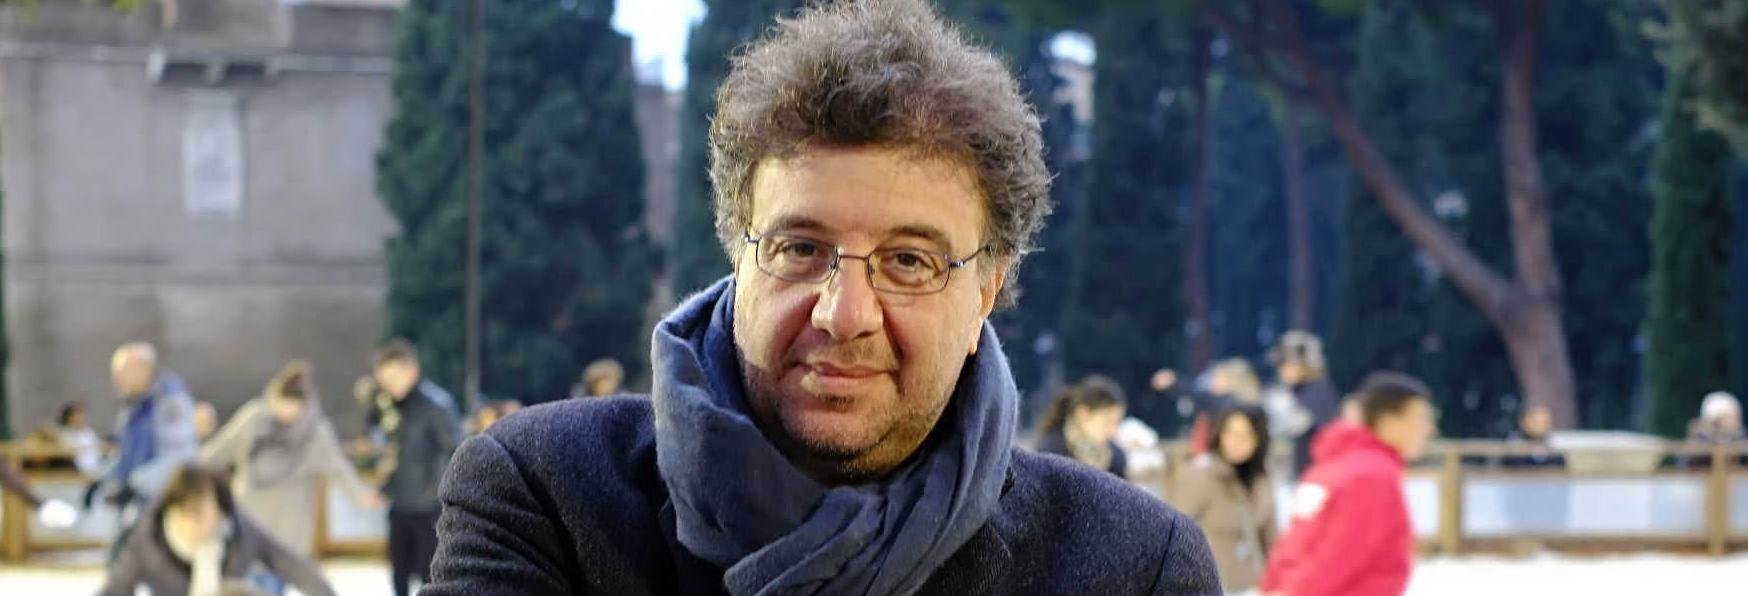 Màkari: la Rai annuncia la nuova Serie TV dal Libro Giallo di Gaetano Savatteri